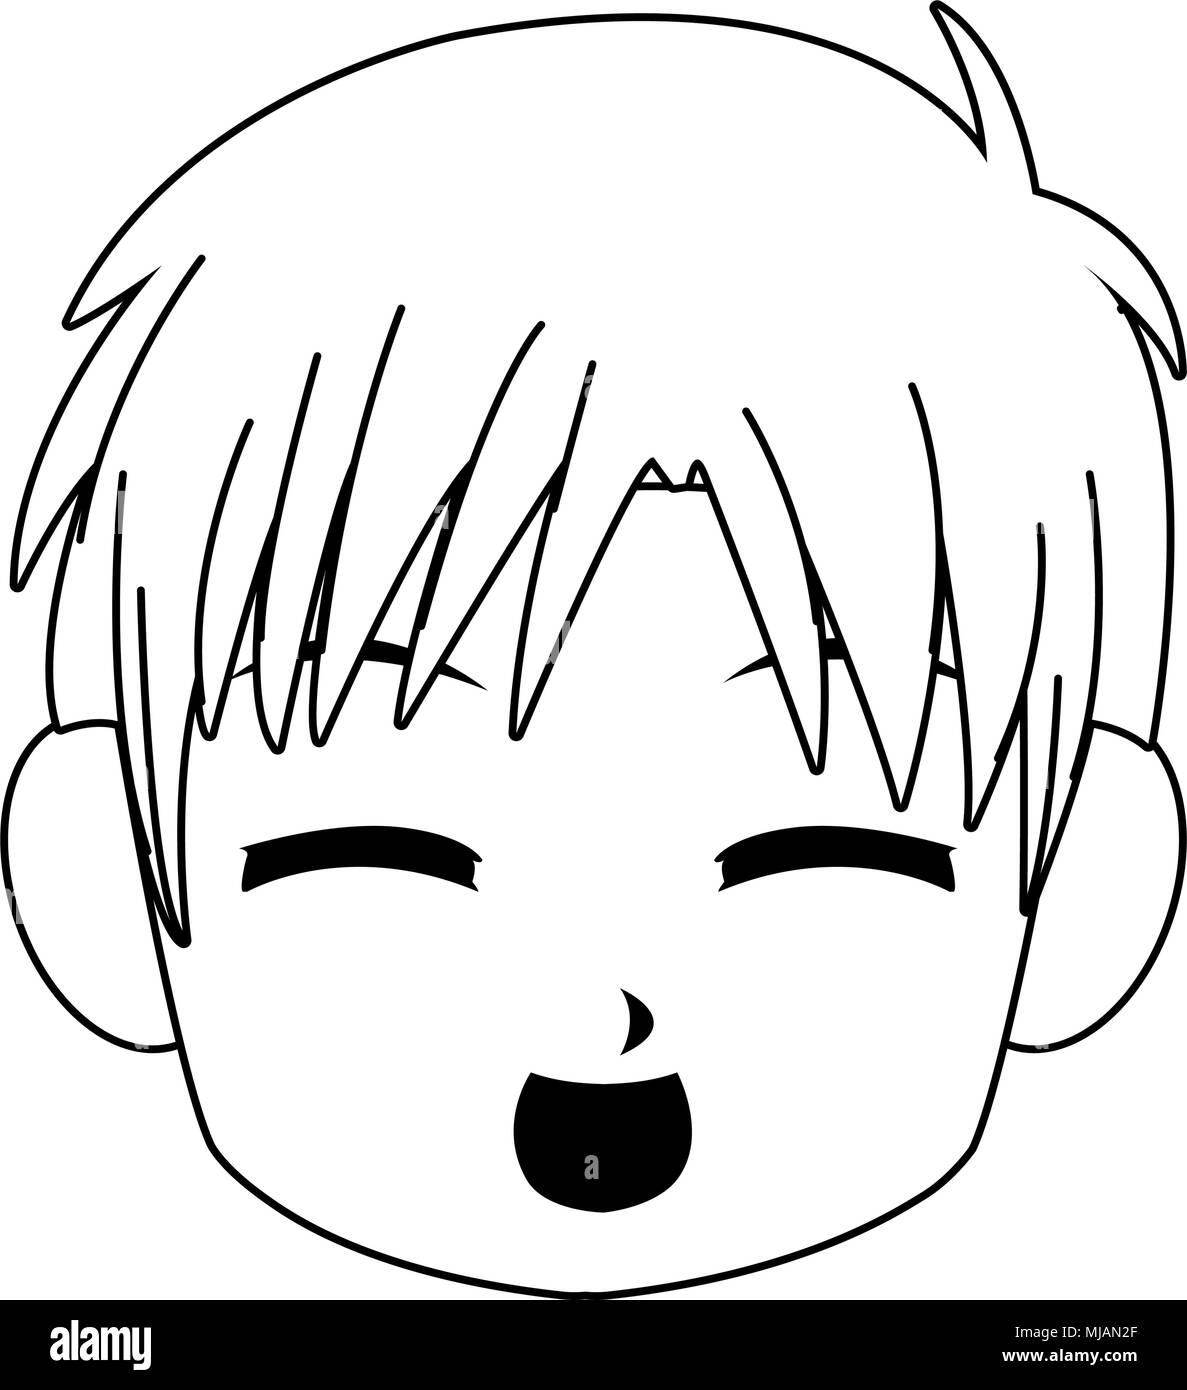 Manga Boy Visage Dessin Animé Sur Les Couleurs Noir Et Blanc